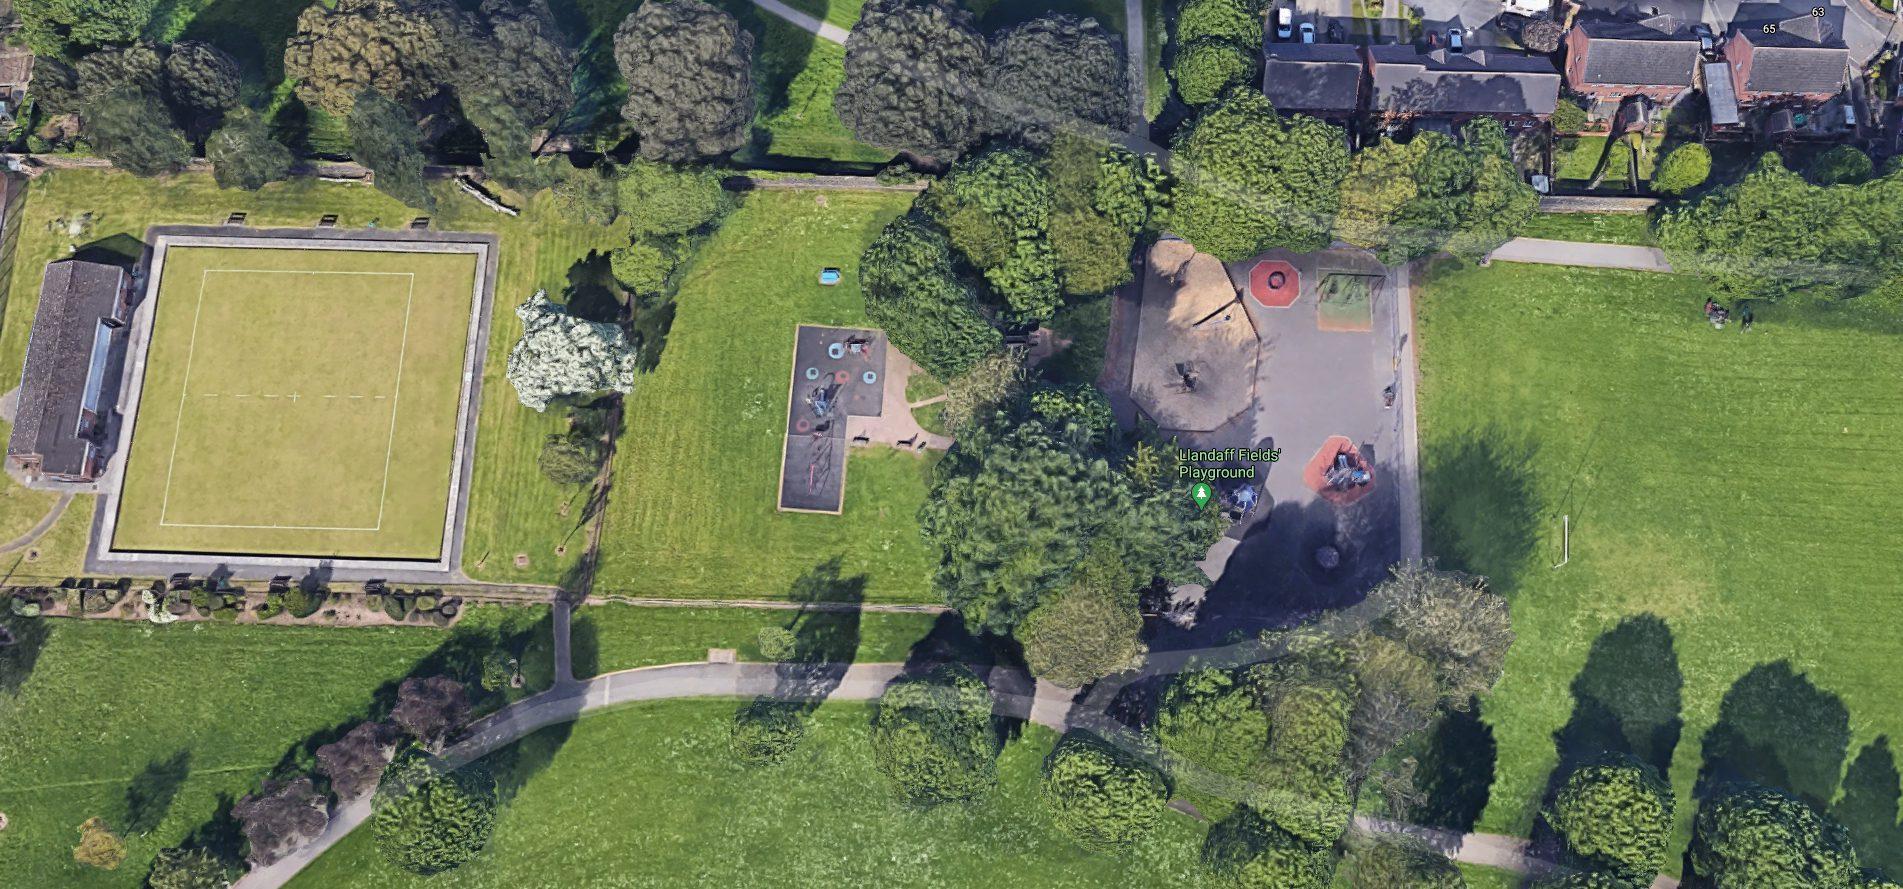 Birds eye view of Llandaff Fields play area